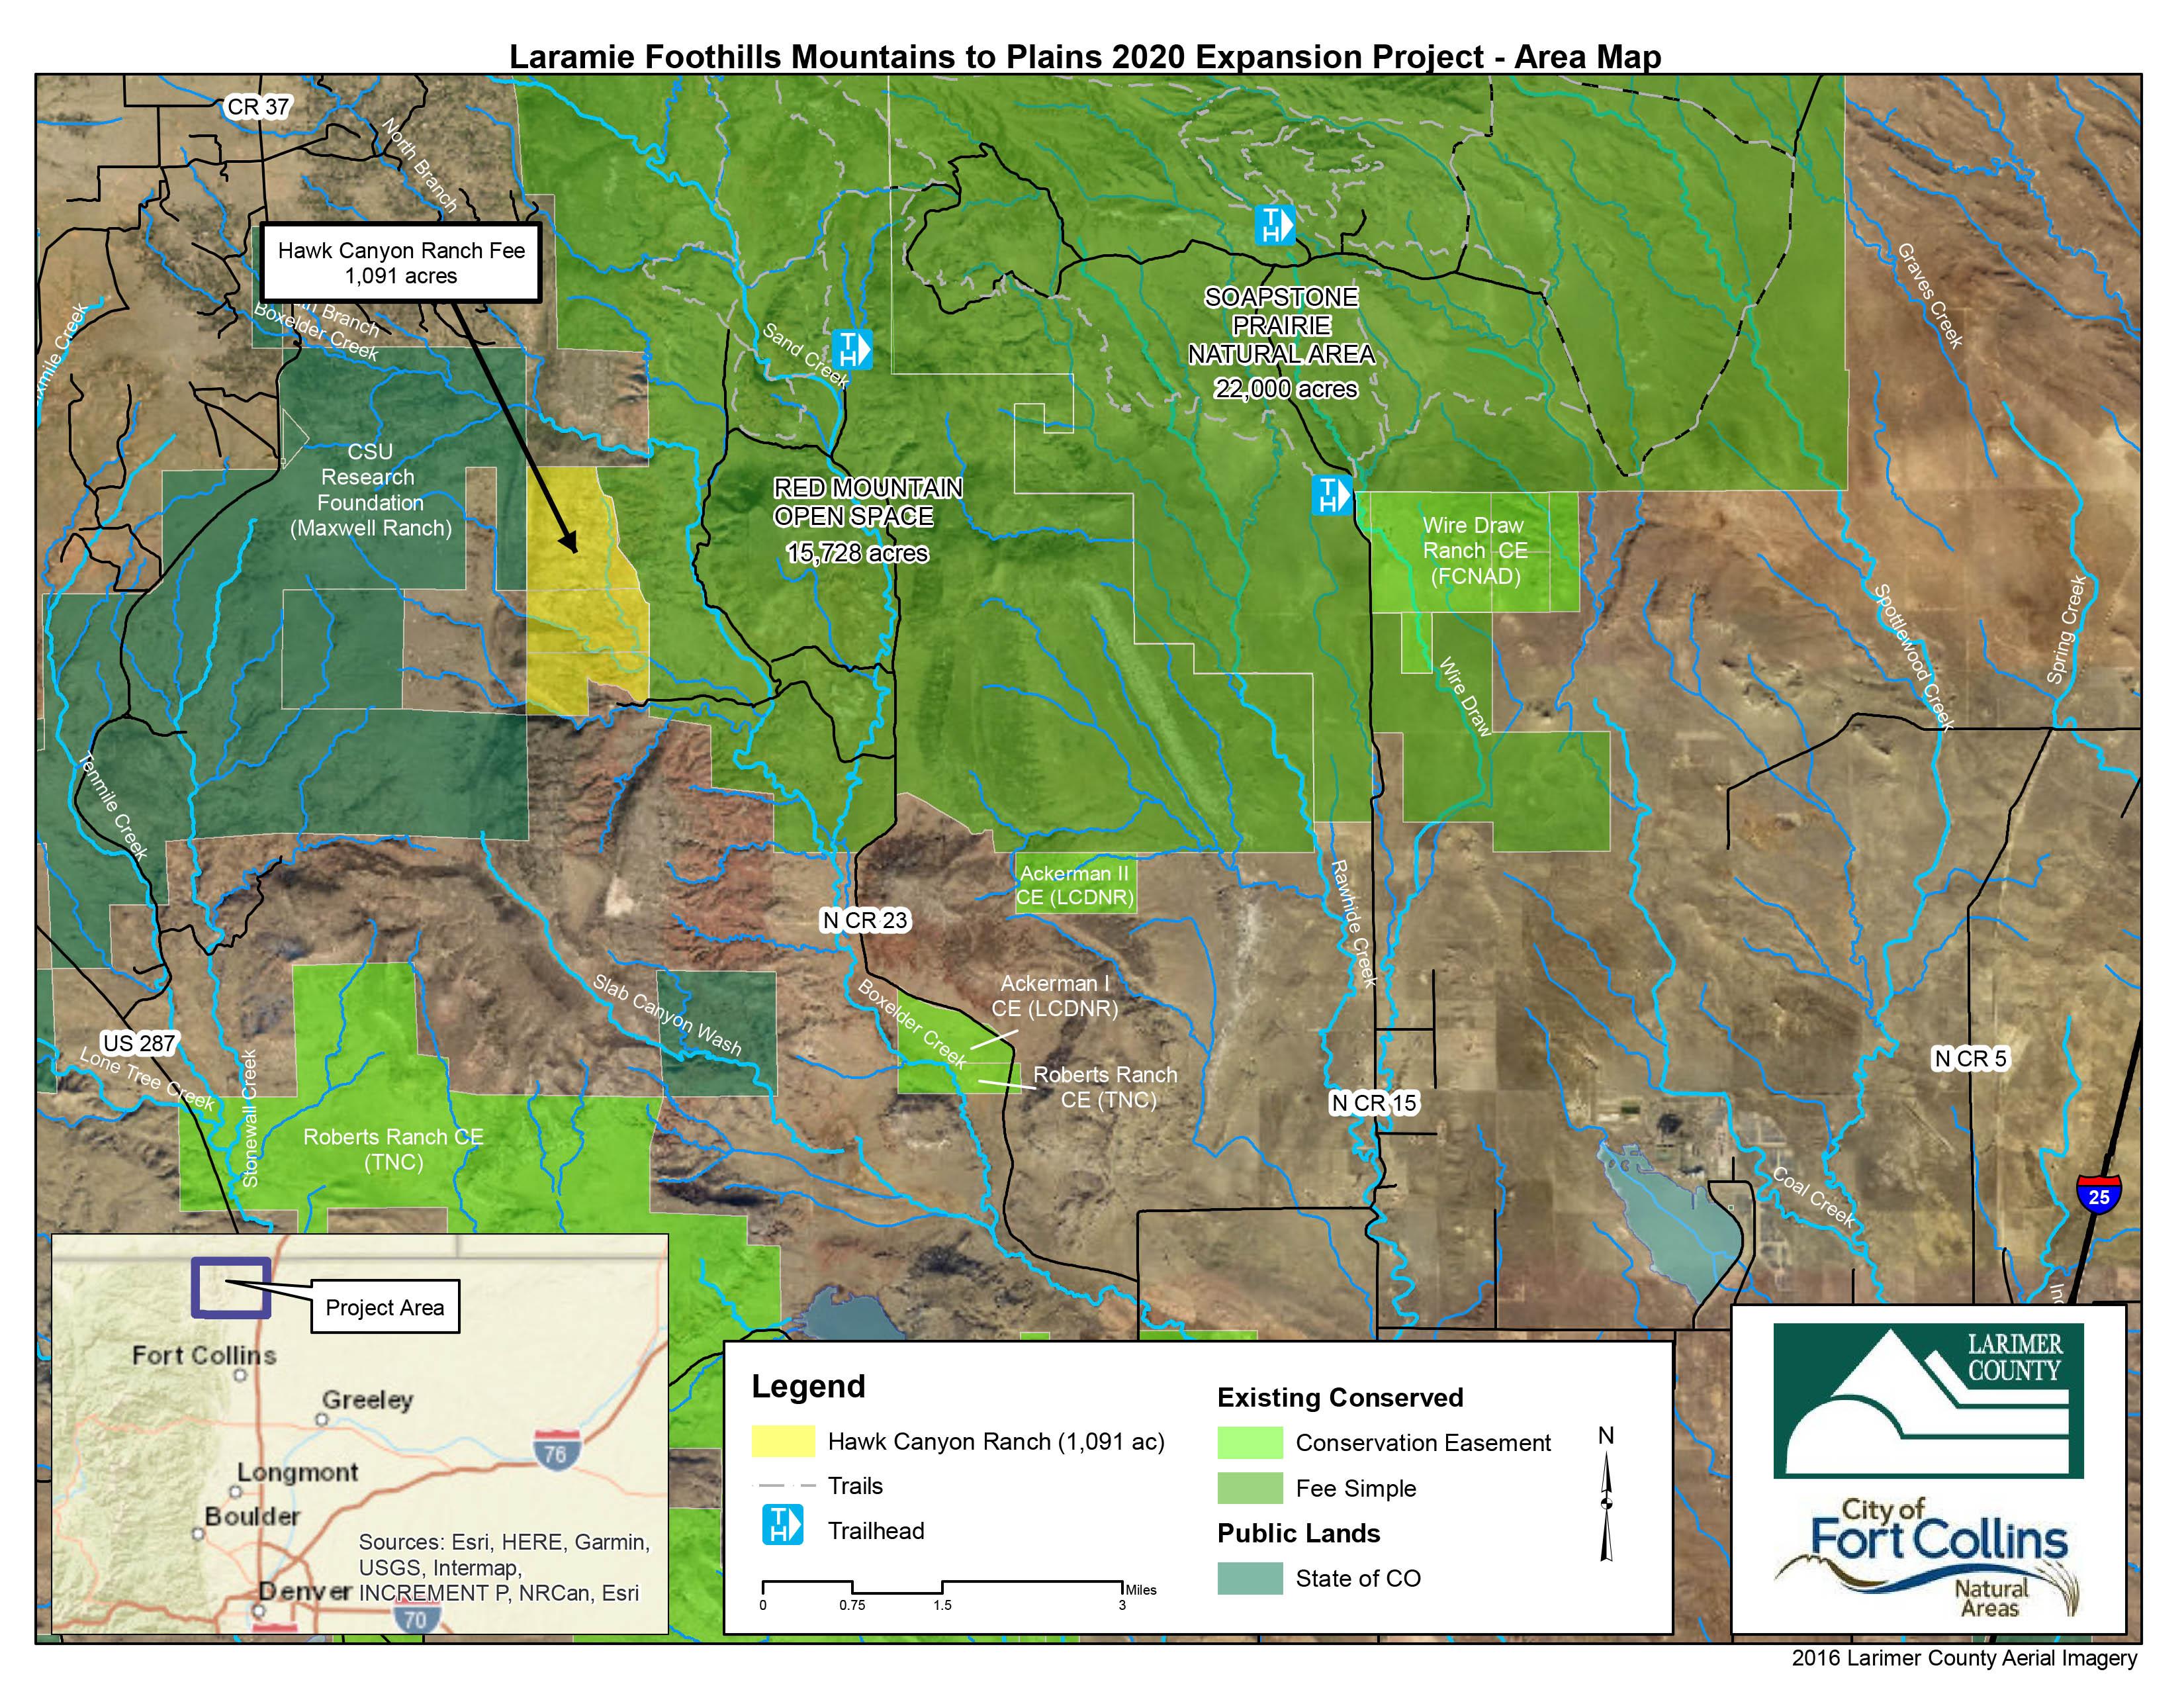 Image 1: Hawk Canyon Ranch Context Map